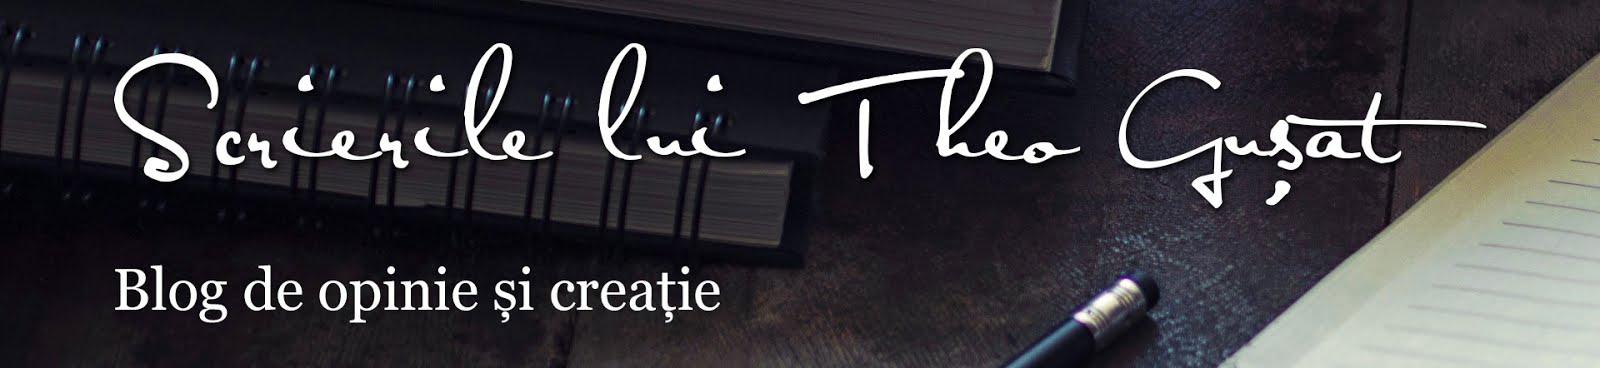 Scrierile lui Theo Gușat